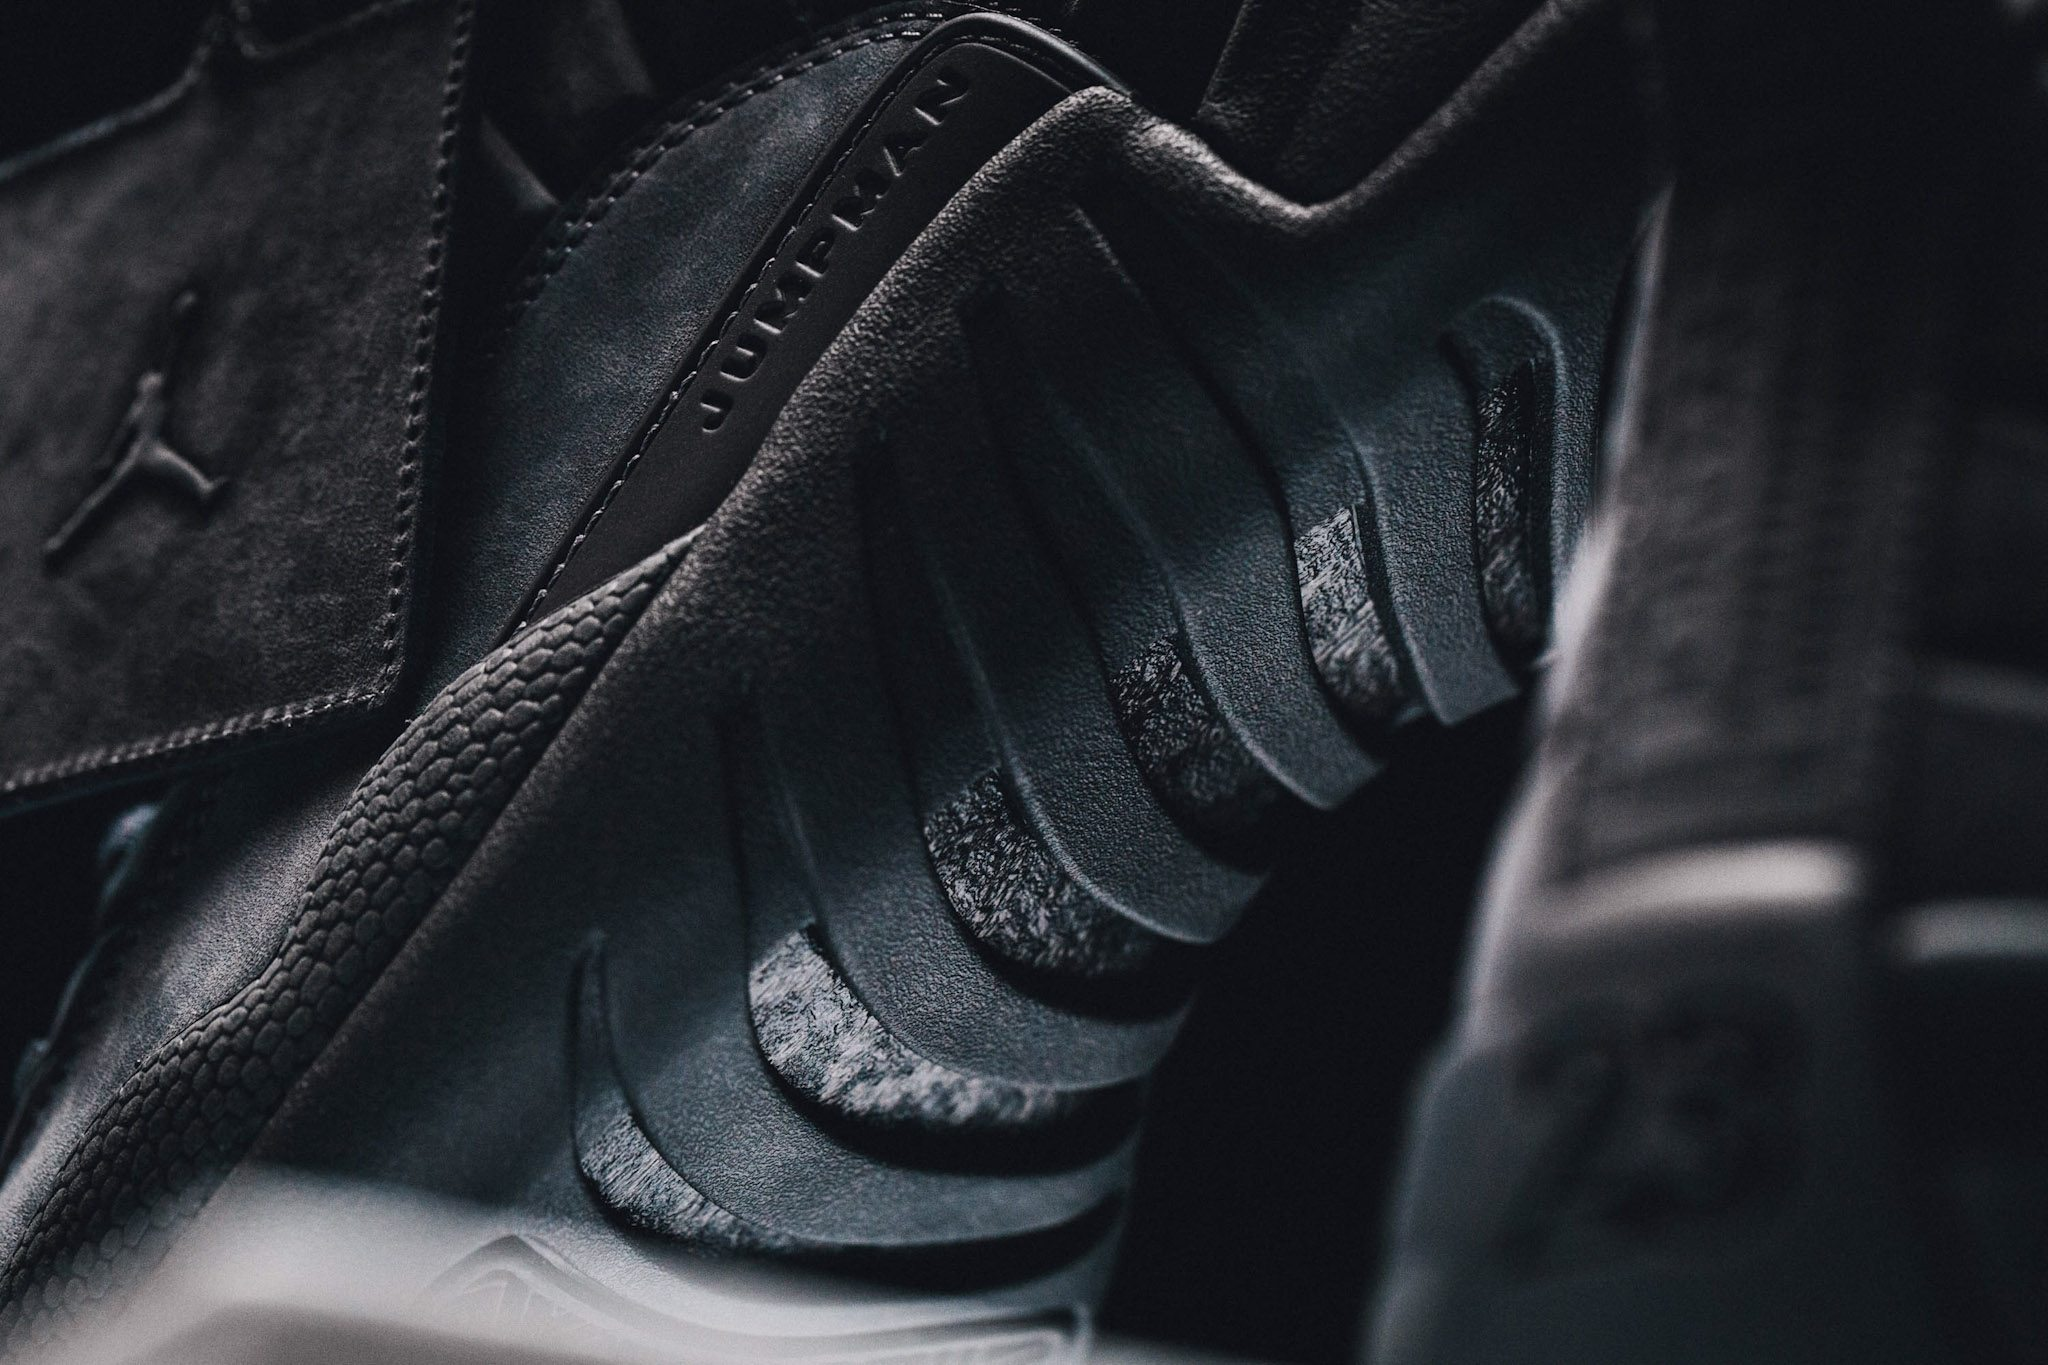 Air Jordan x PSNY 4